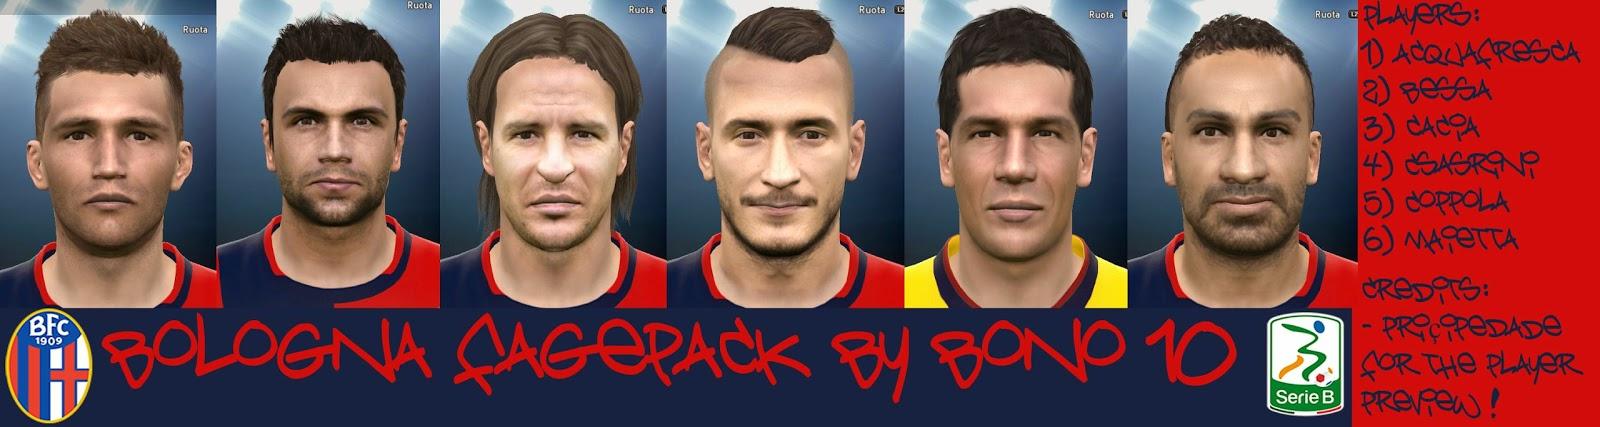 PES 2015 Bologna Facepack by Bono10